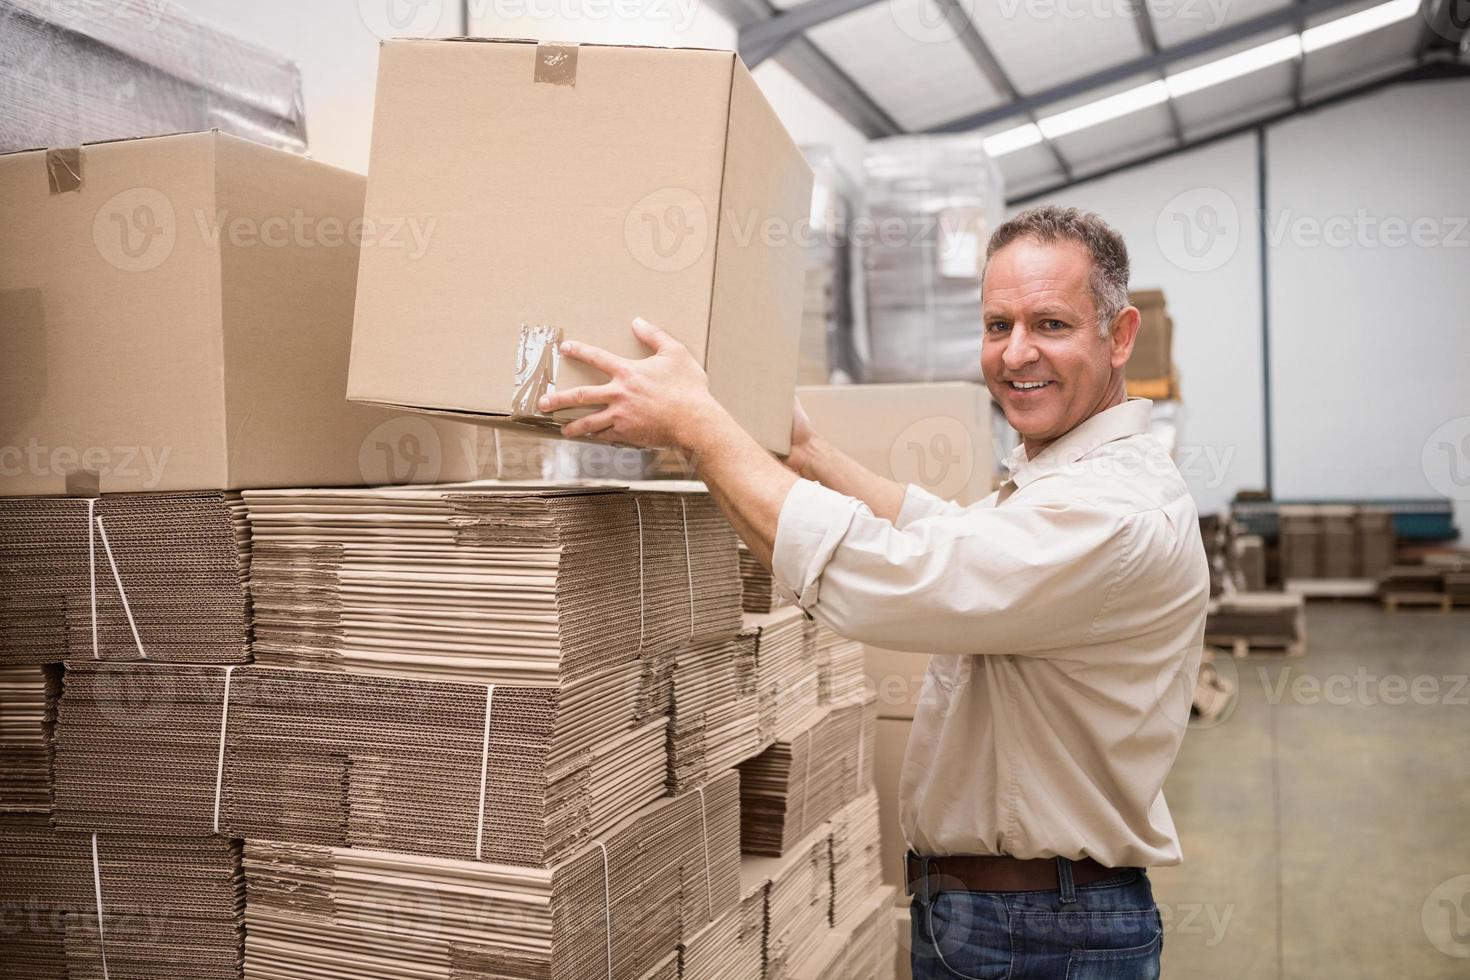 trabalhador de armazém sorridente tomando uma caixa foto